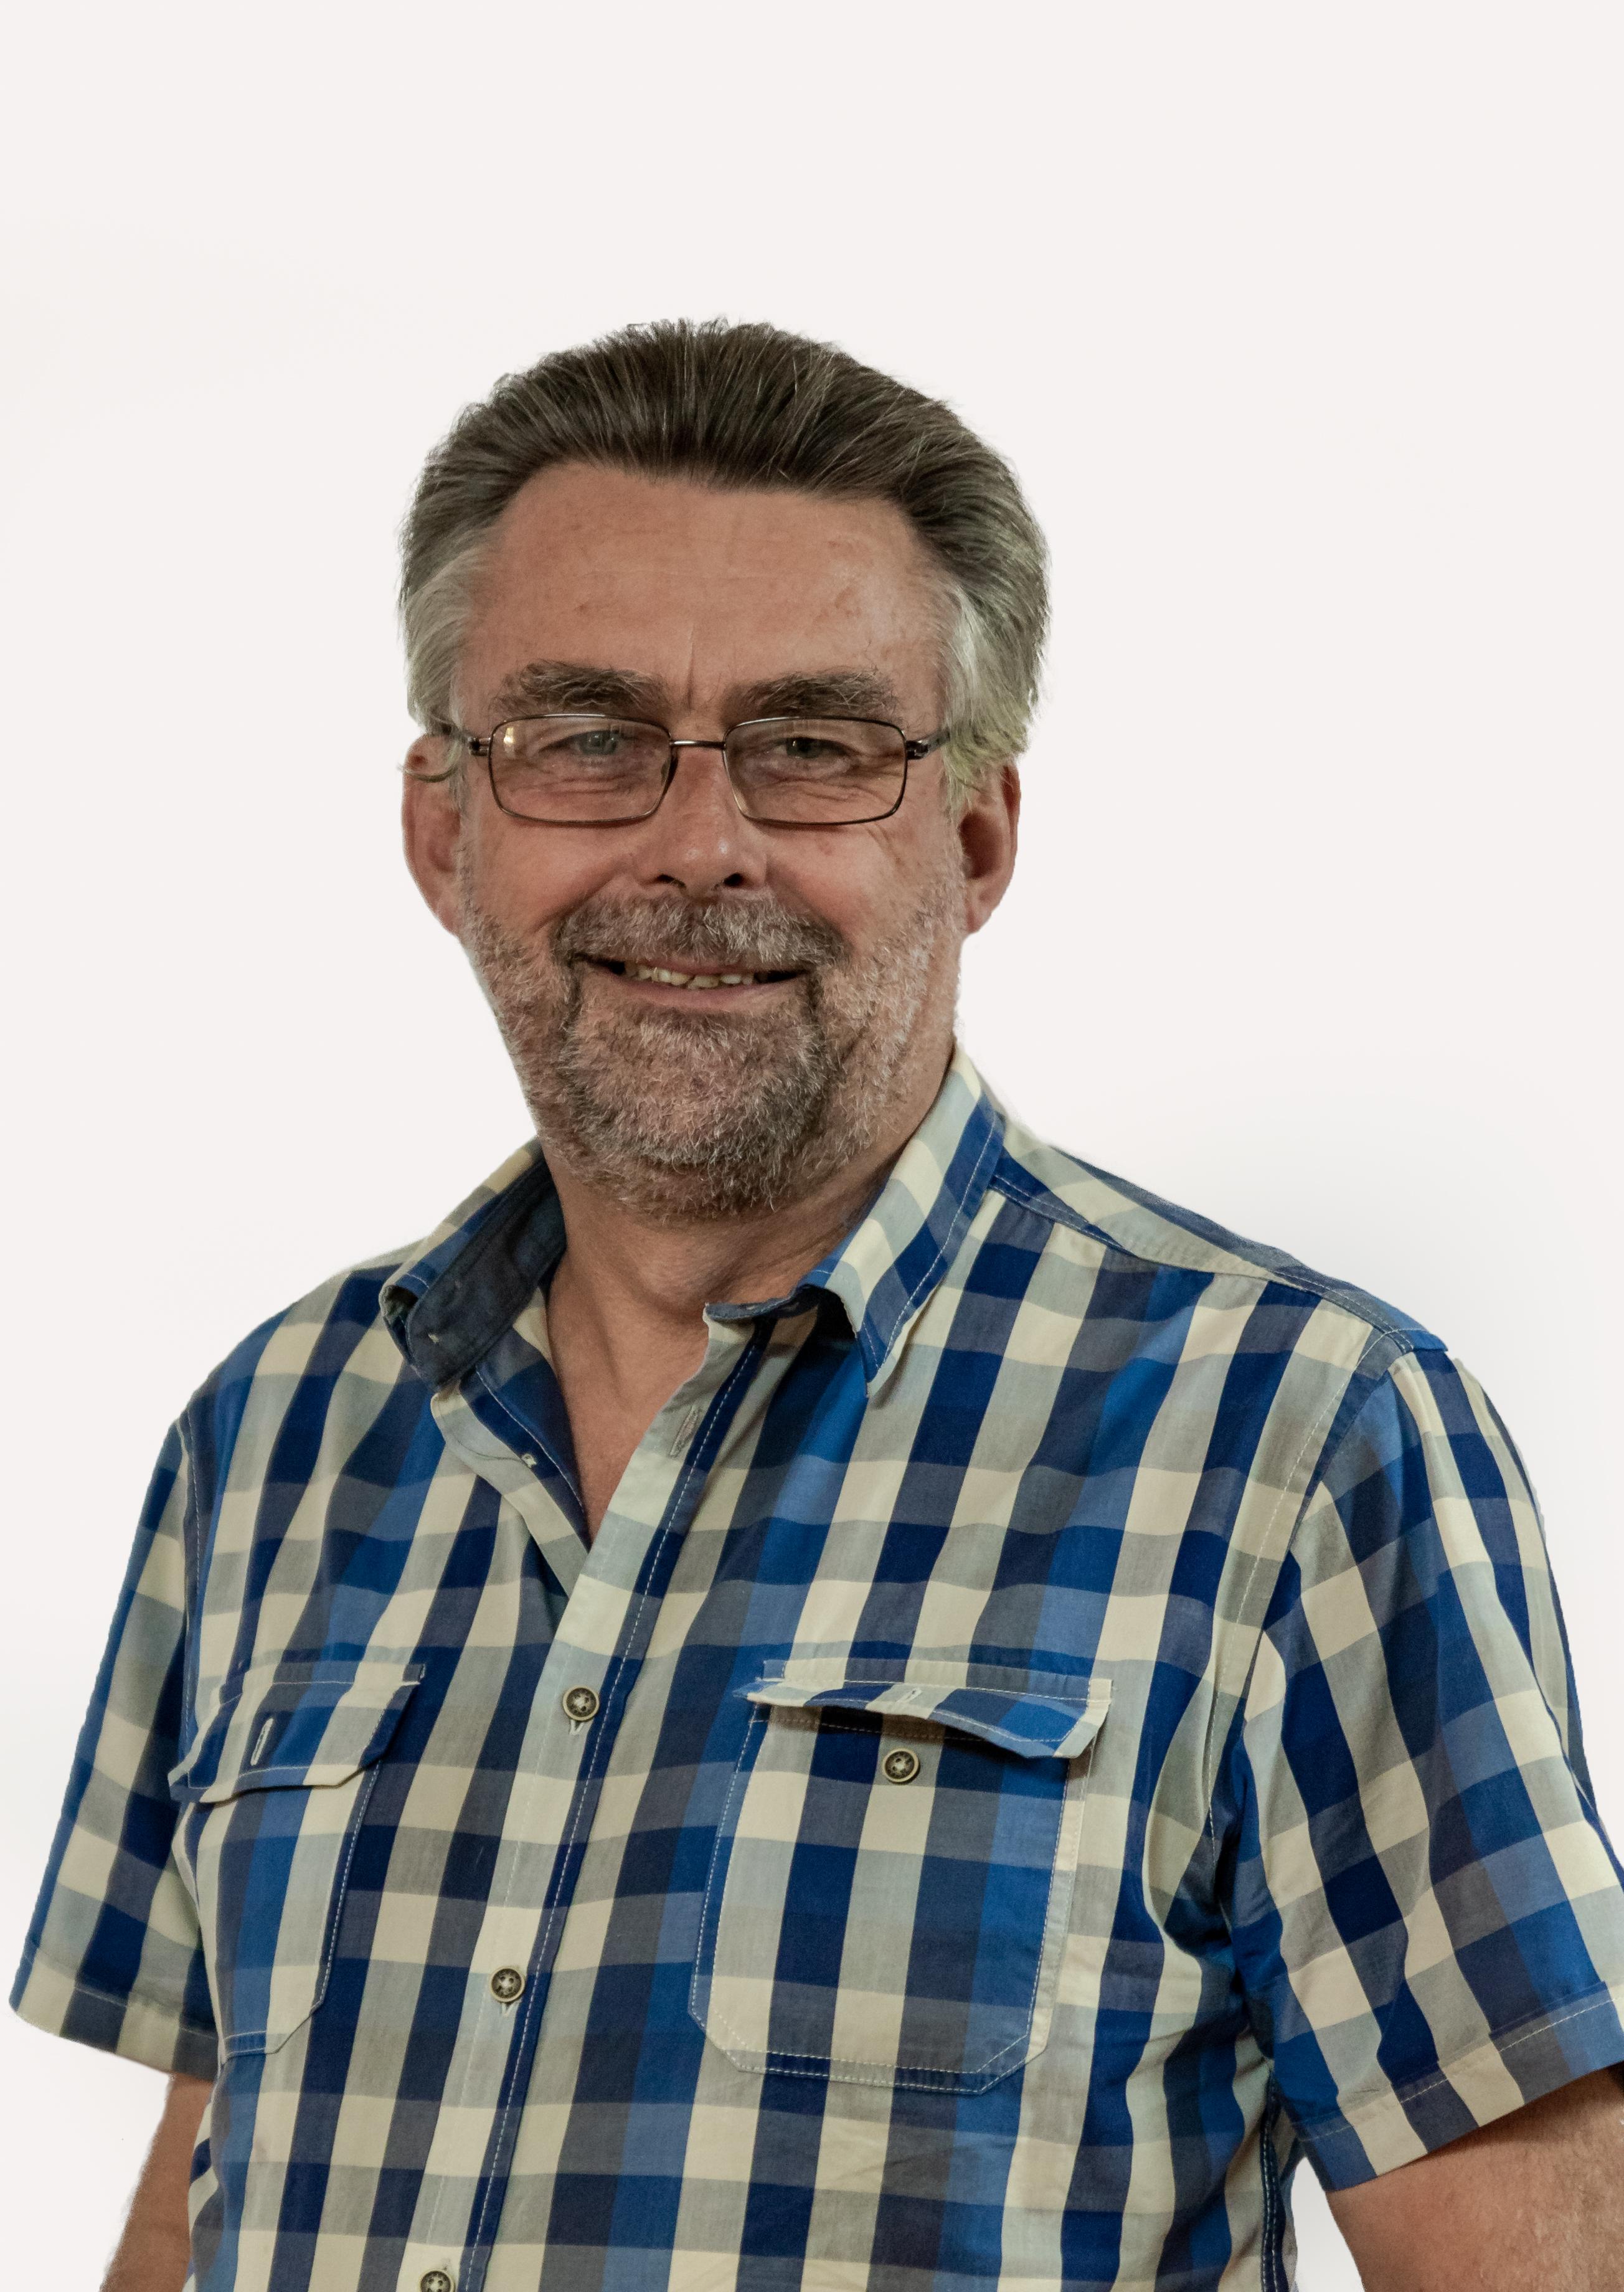 Mr. Henk van de Graaf : CHAIRPERSON